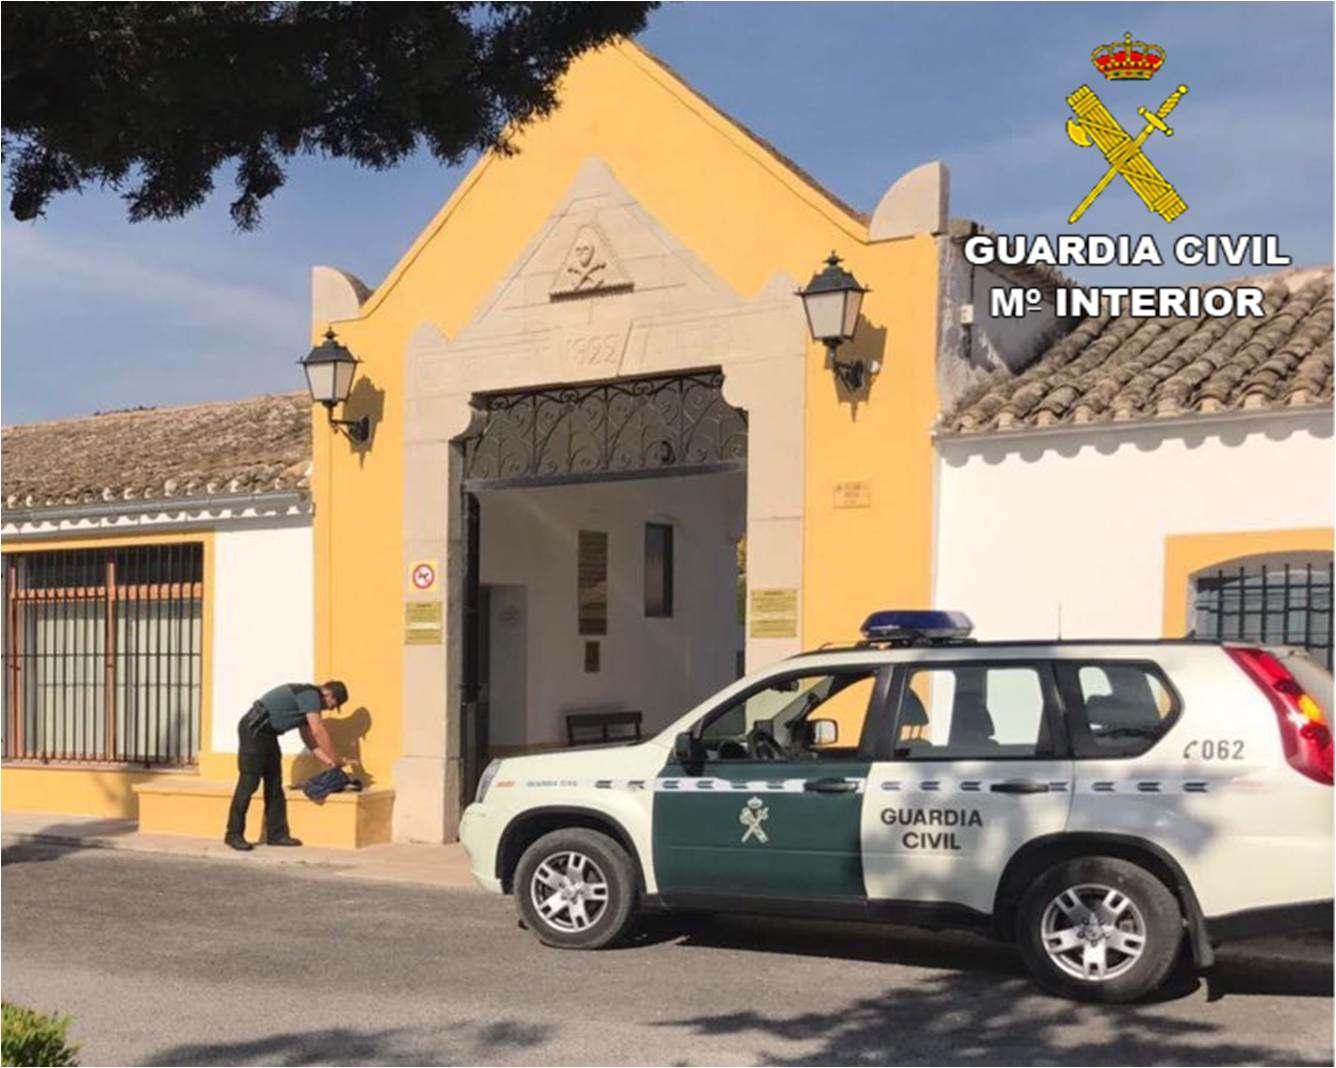 La Guardia Civil detiene a un vecino de Castalla acusado de 22 delitos, la mayoría robos en los aparcamientos del tanatorio y el cementerio